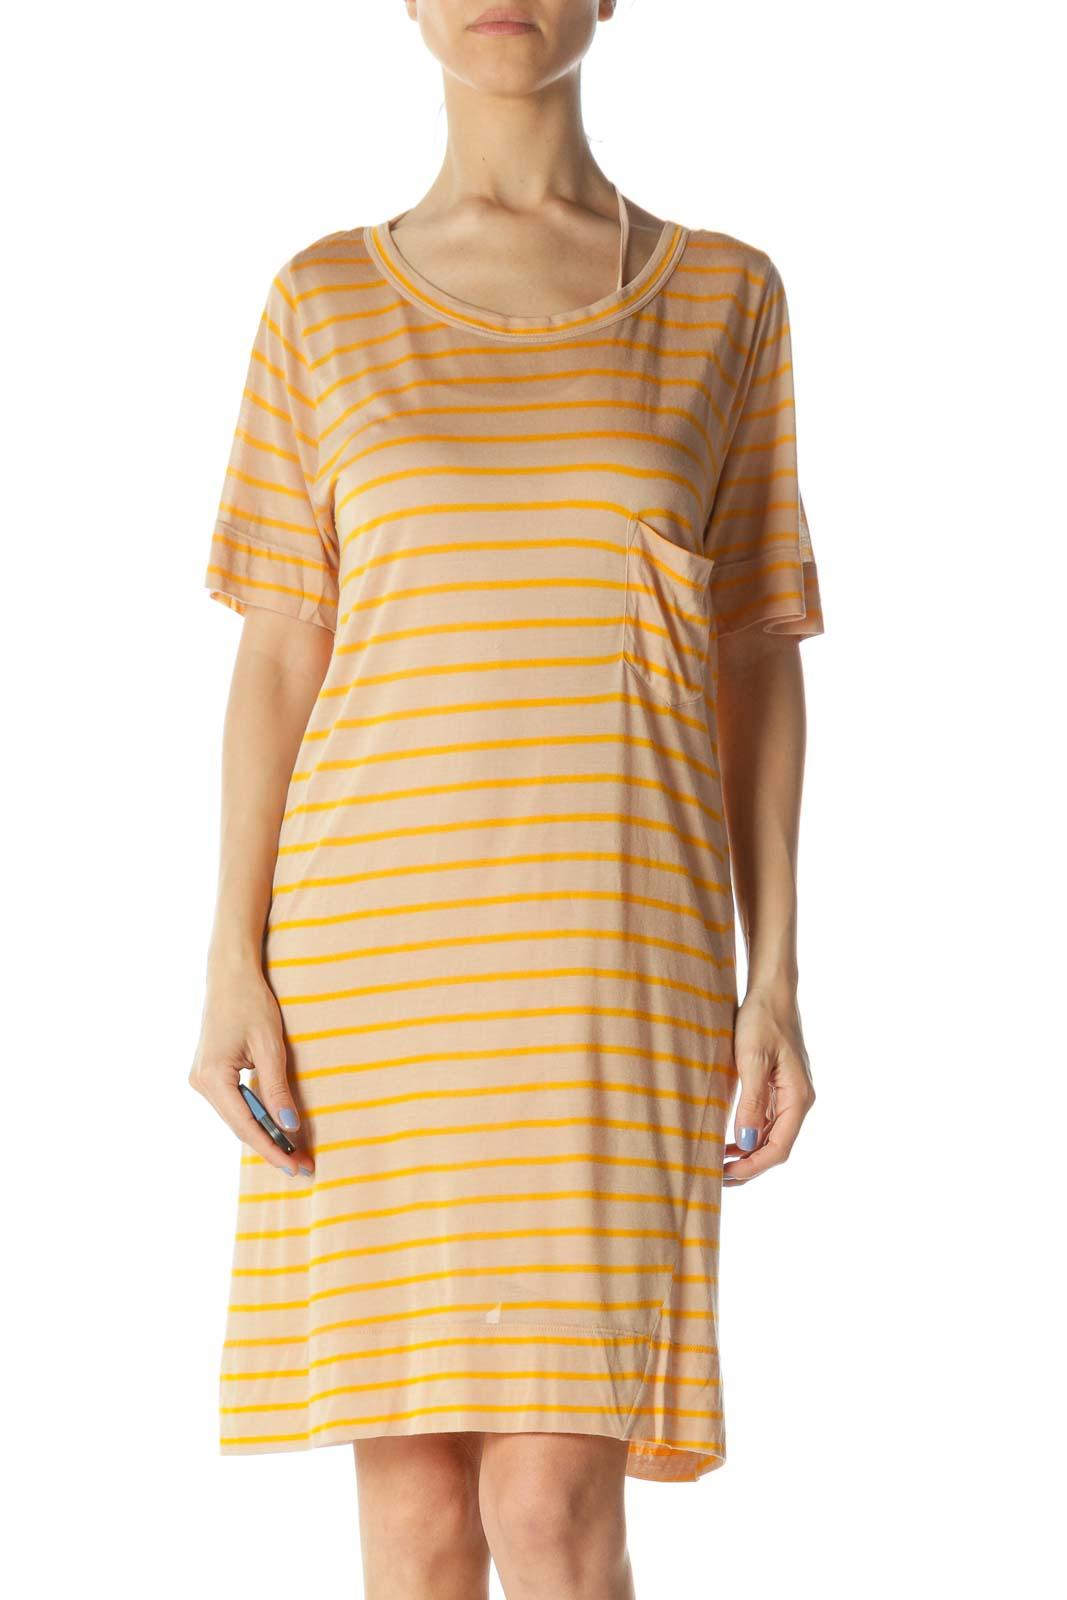 Beige & Orange Striped Designer Knit Shirt Dress Front